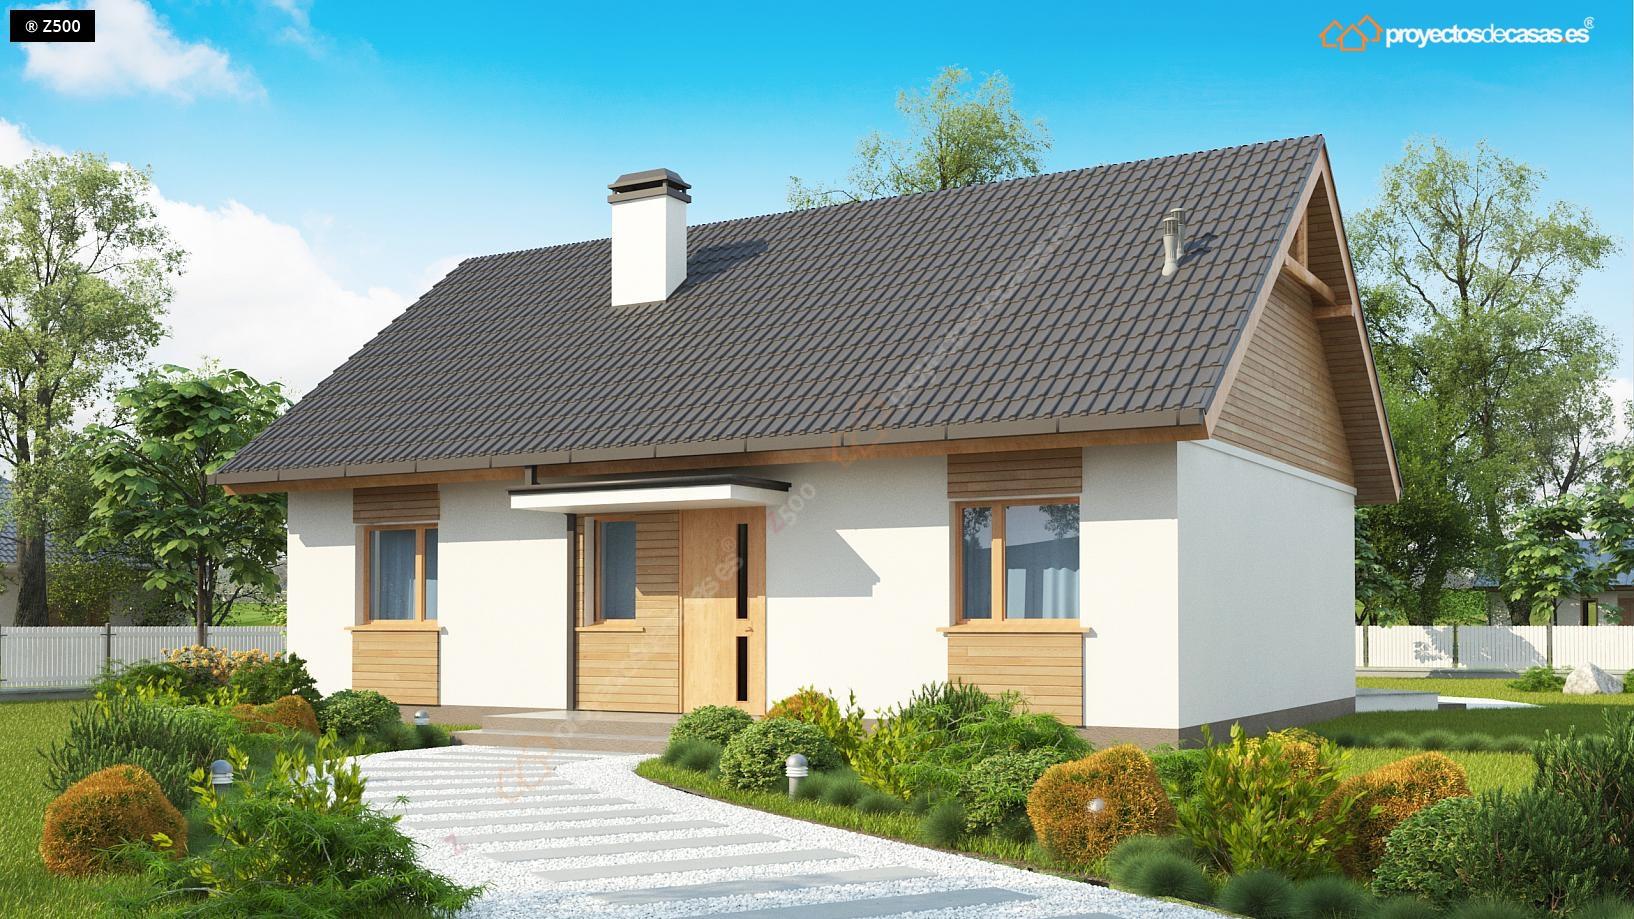 Proyectosdecasas dise amos y construimos casas en toda - Chalet de madera y piedra ...